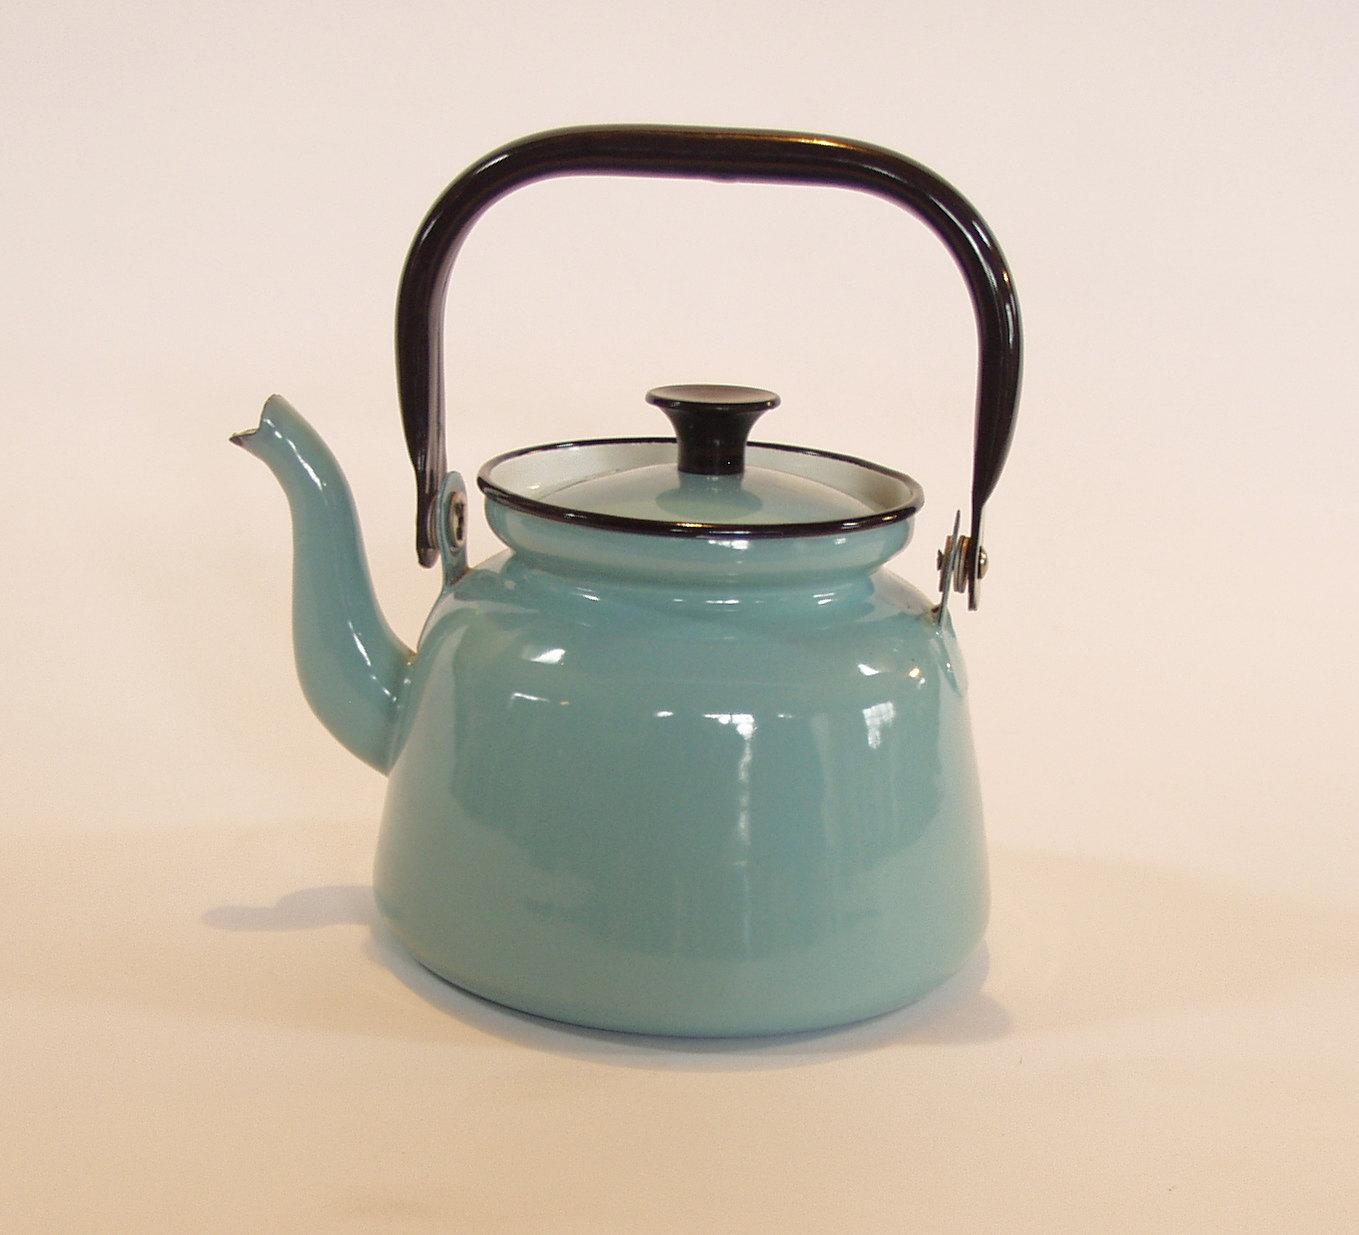 Vintage Robin S Egg Blue Enamel Teapot Kettle From